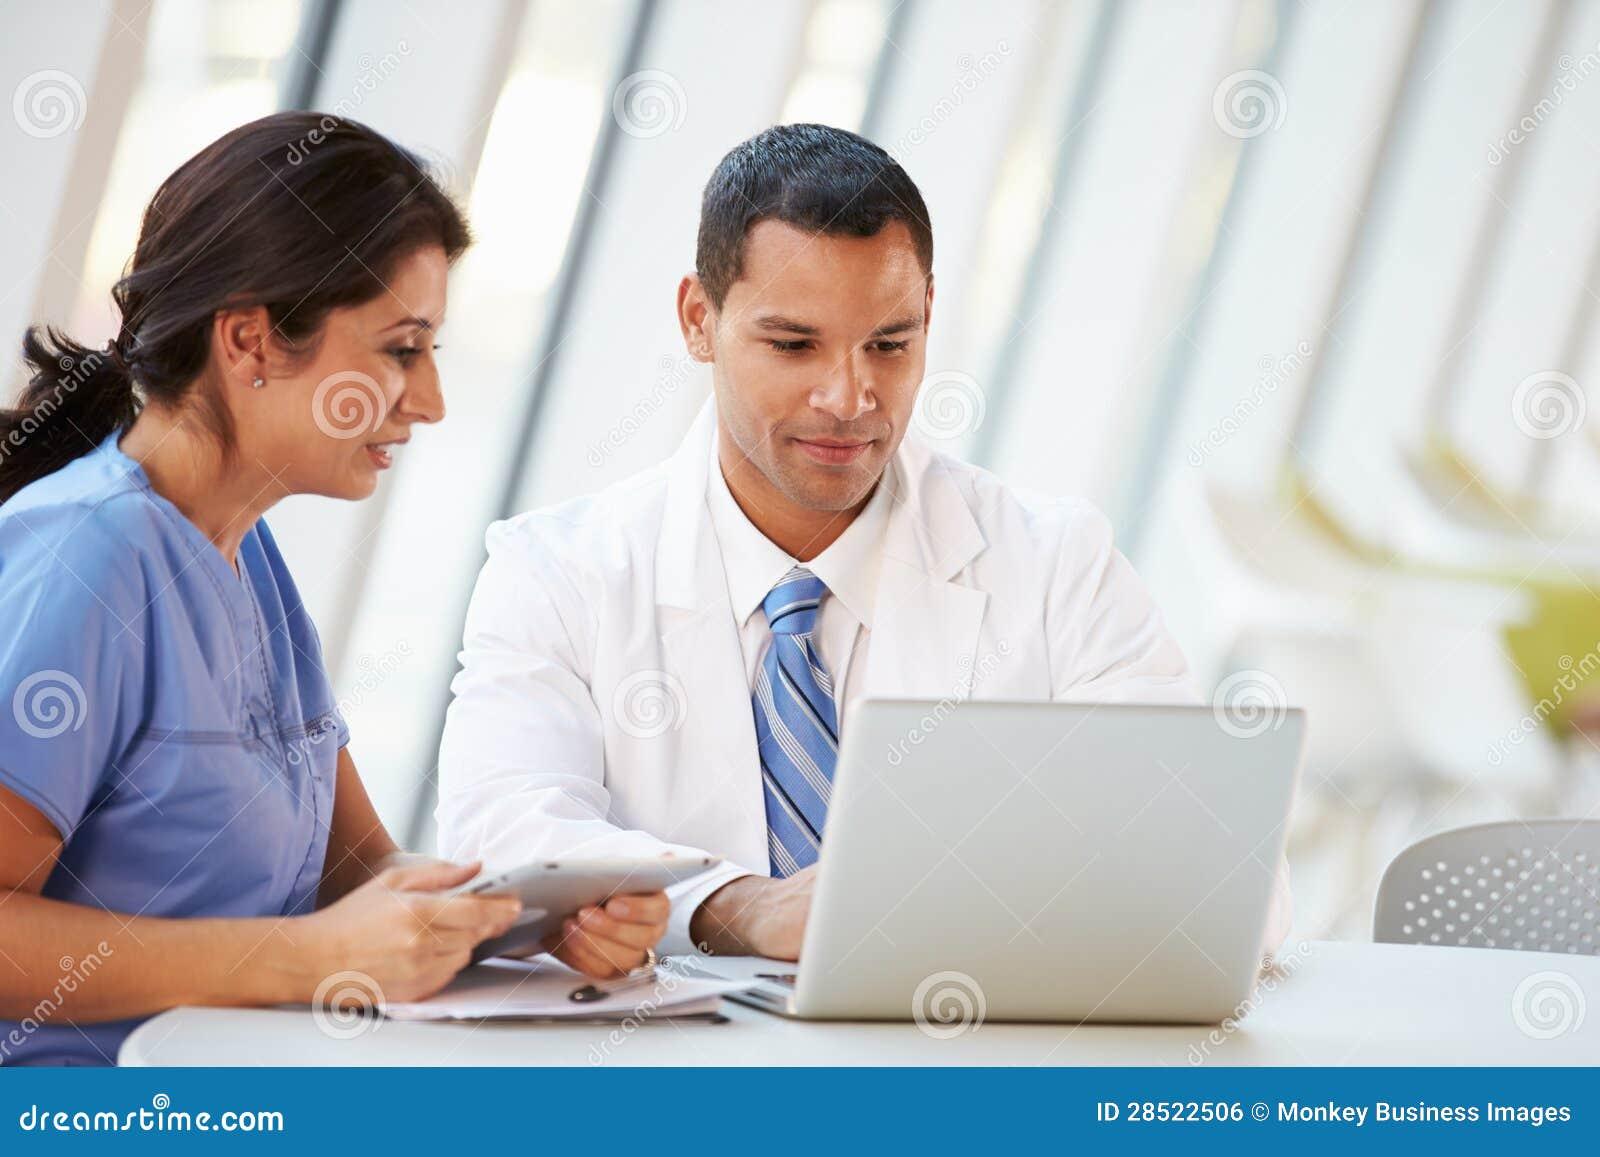 医生和护士开非正式会议在医院军用餐具